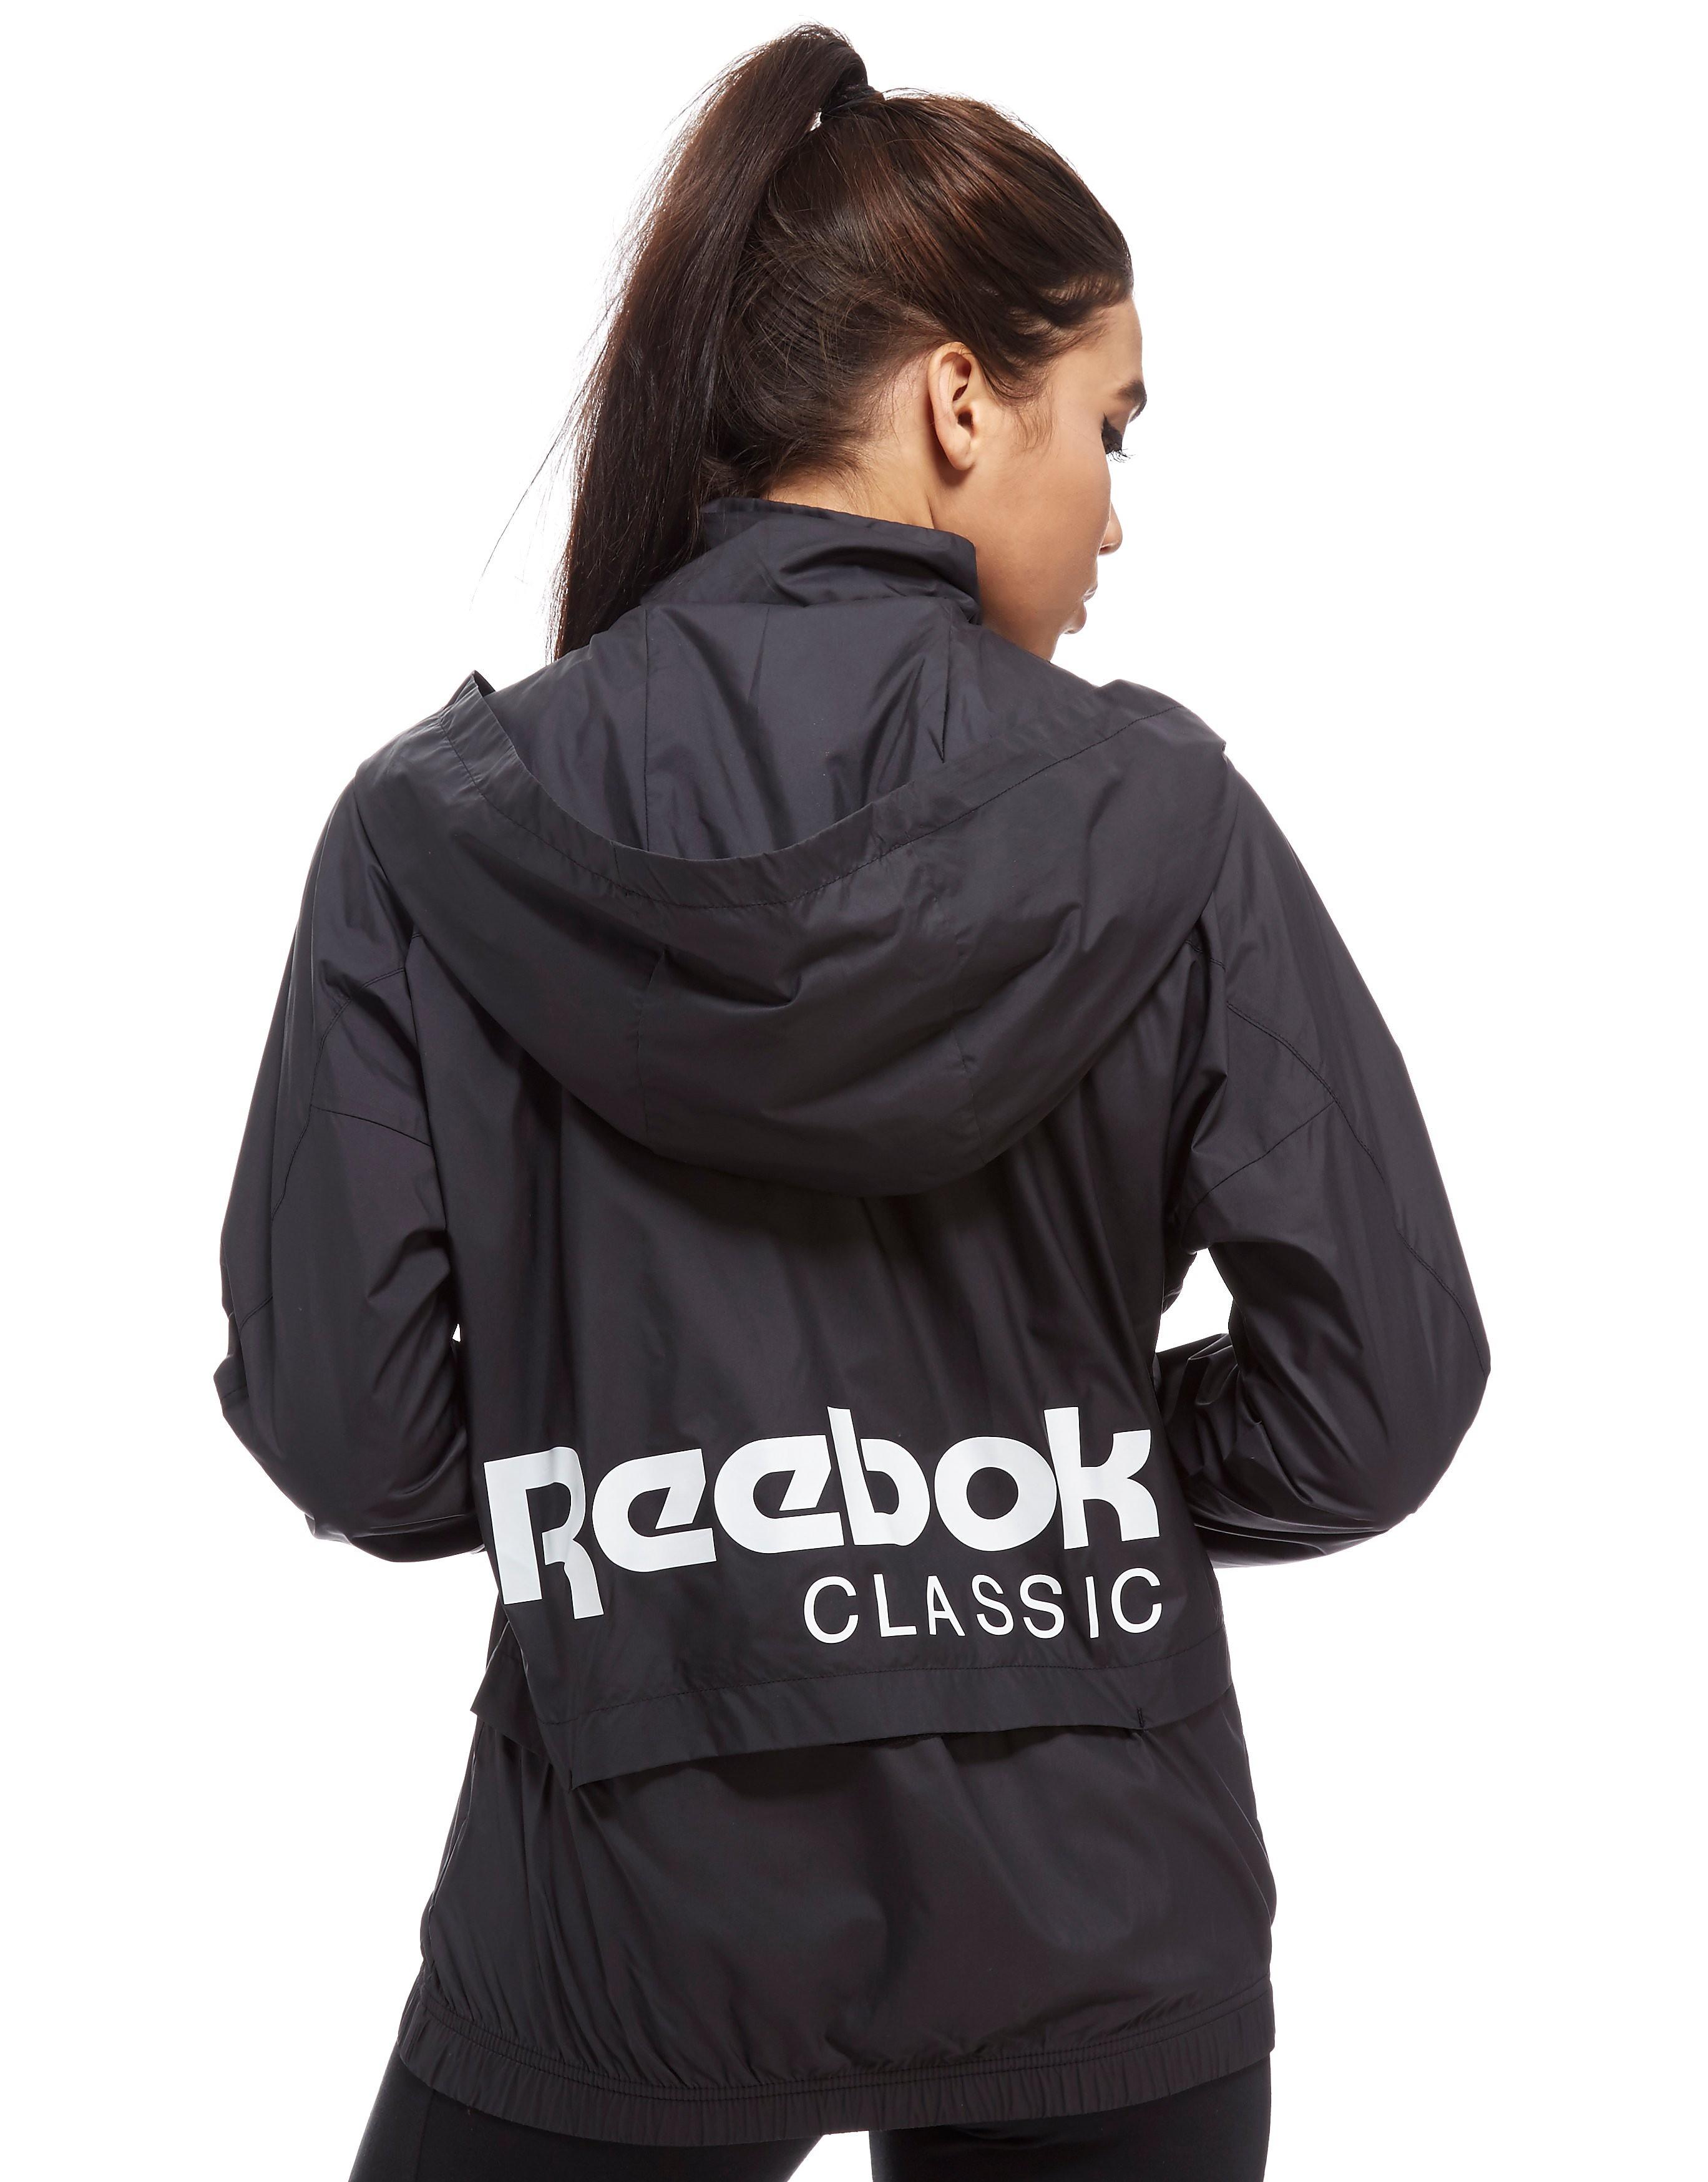 Reebok Classic Windbreaker Jacket